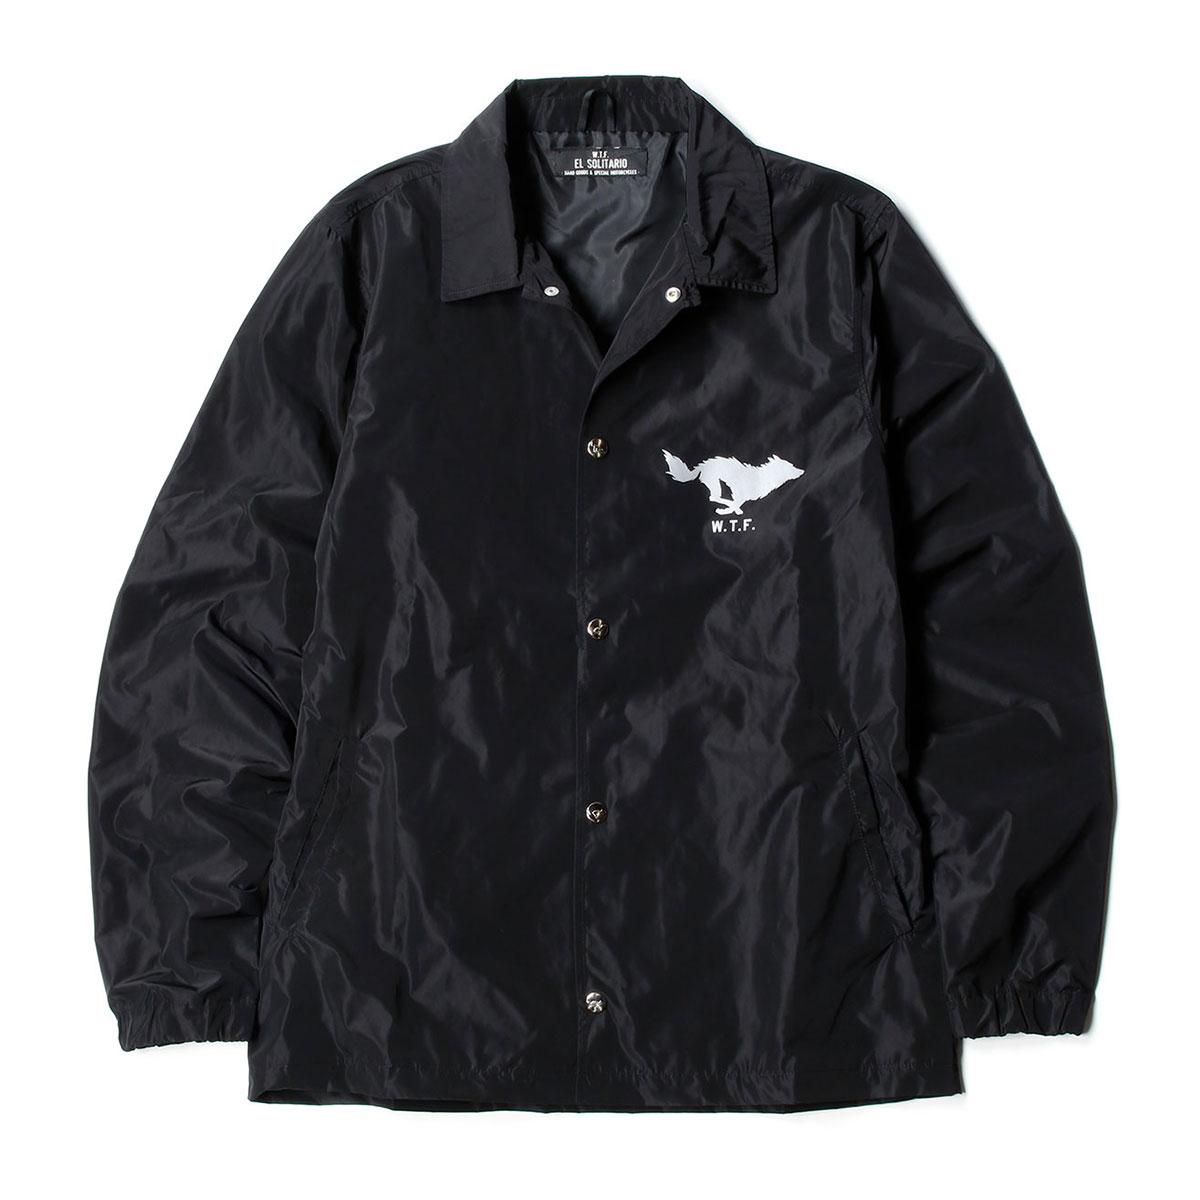 【エル・ソリタリオ/El Solitario】ホン ジャケットメンズ バイク Hong Jacket